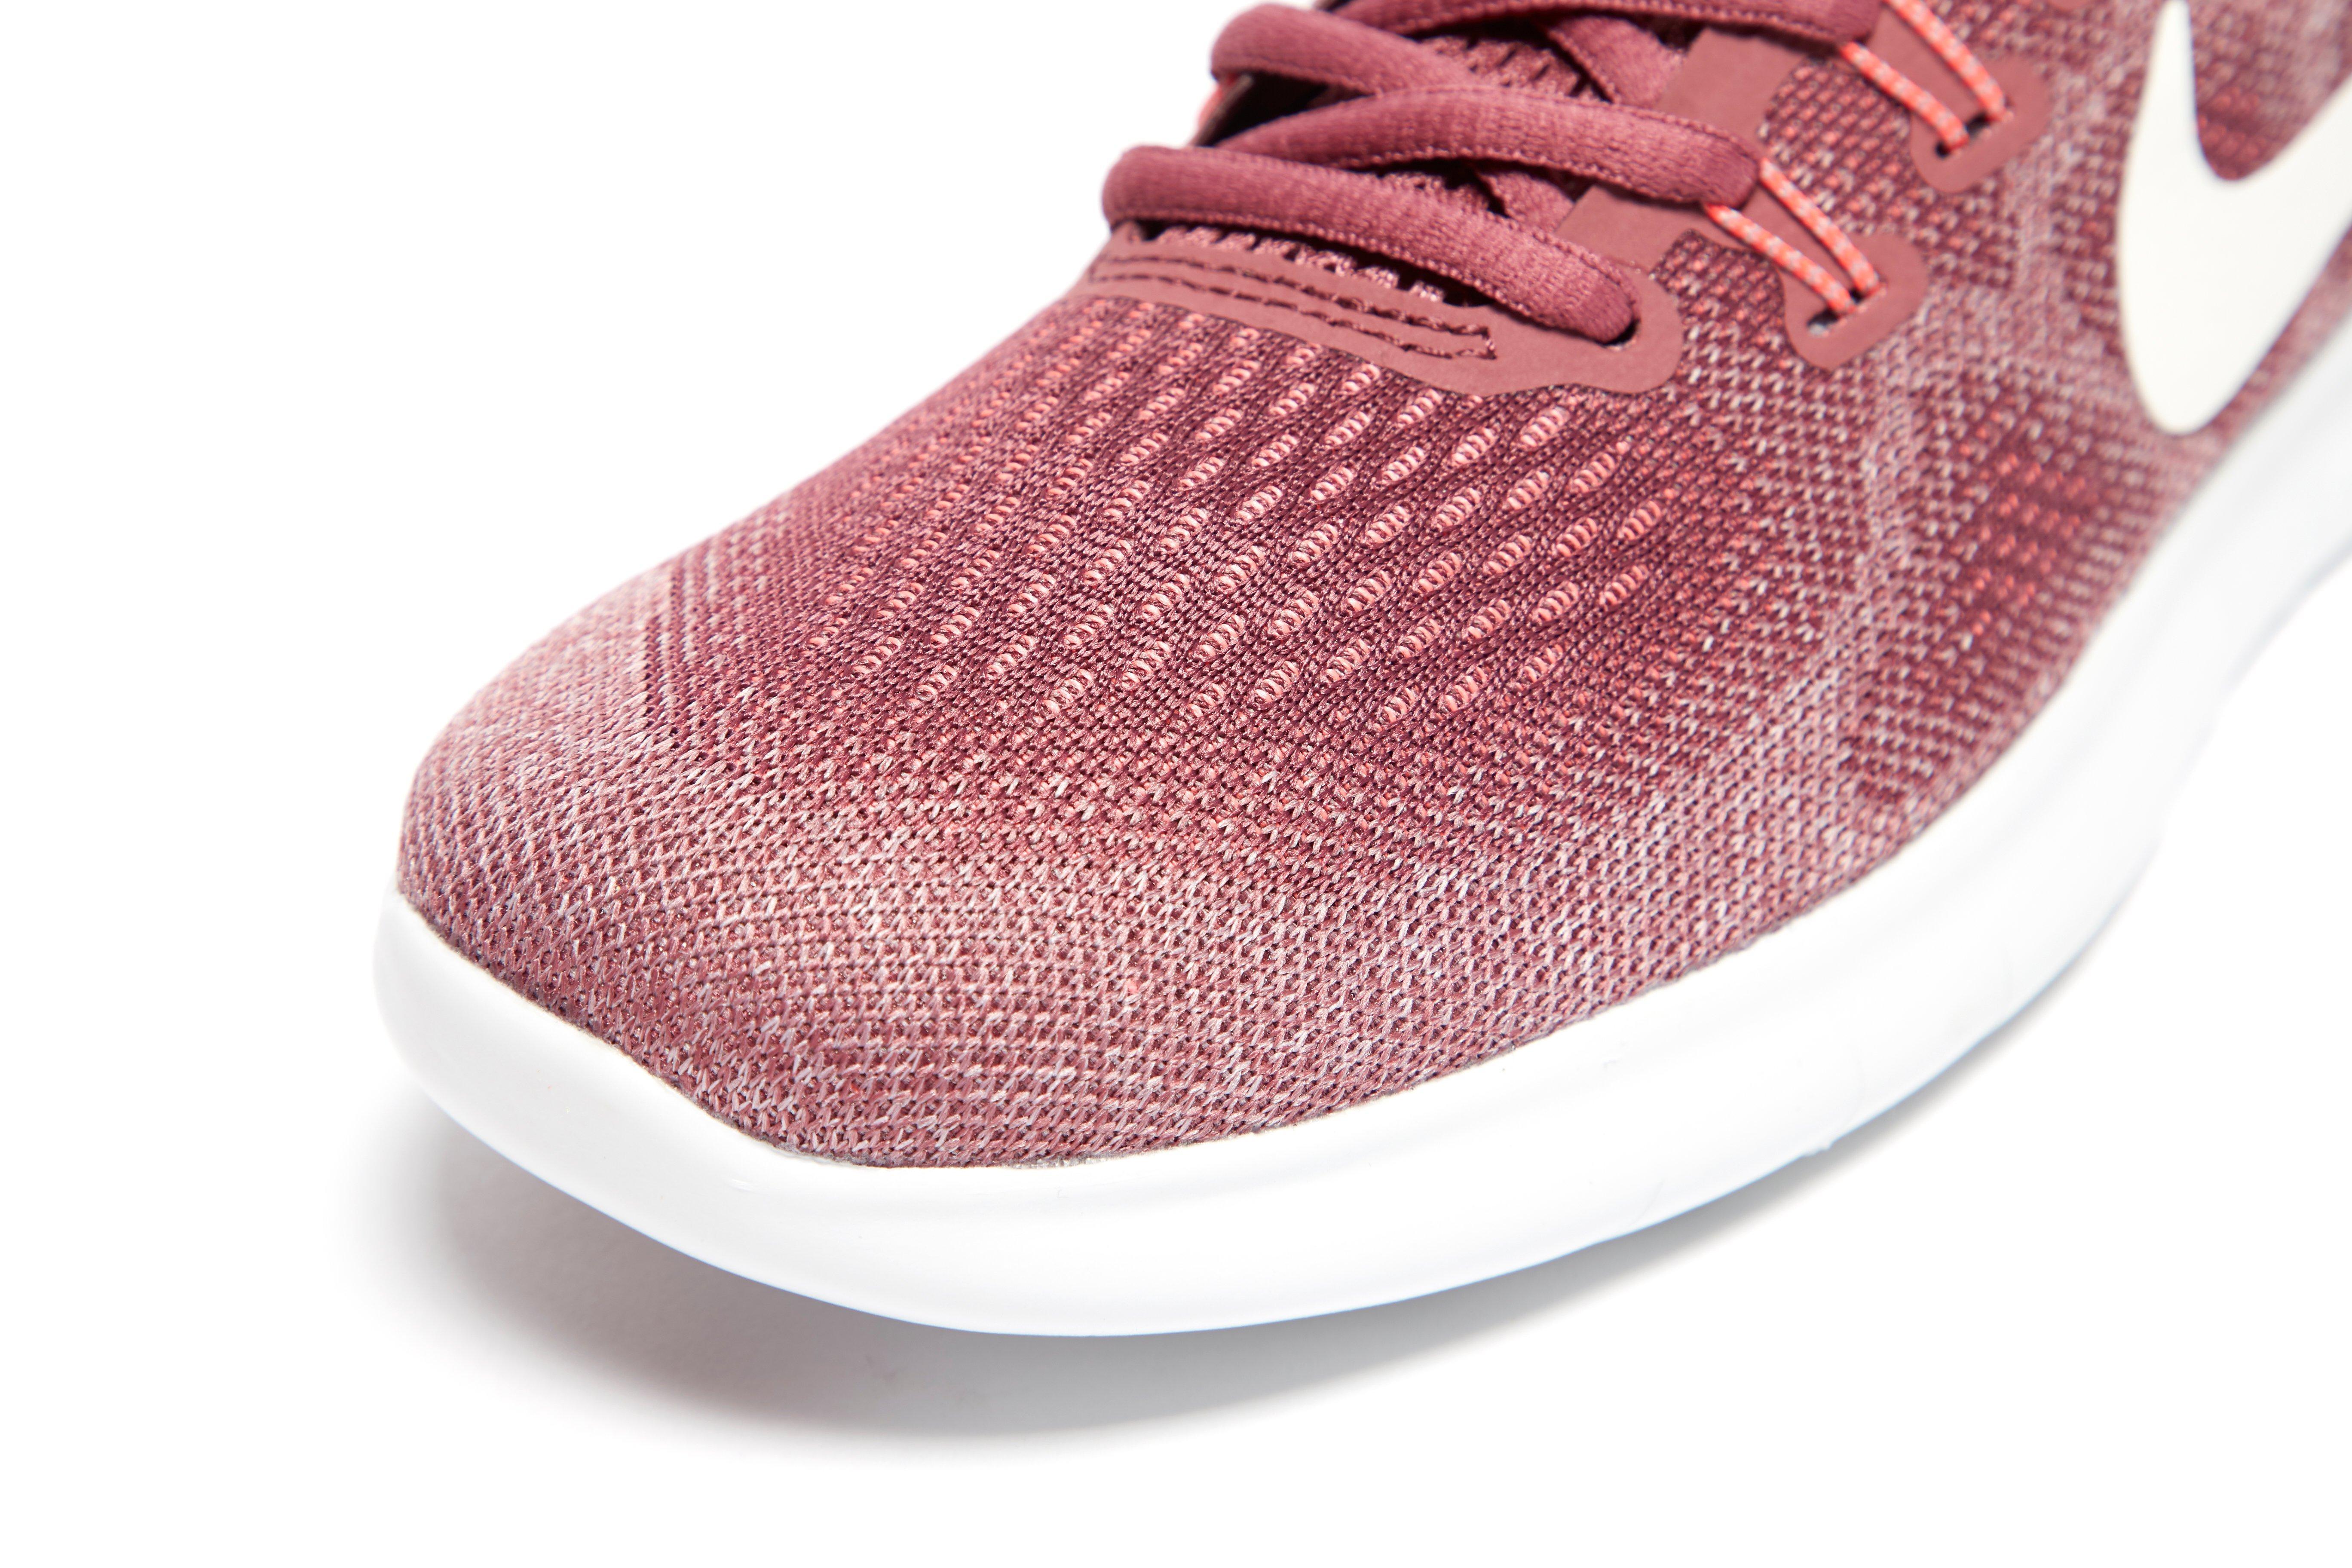 835c0f12a7577b Grau Nike Mercurial Superfly V Tf für Männer Schuhe für Jungen Größe 6